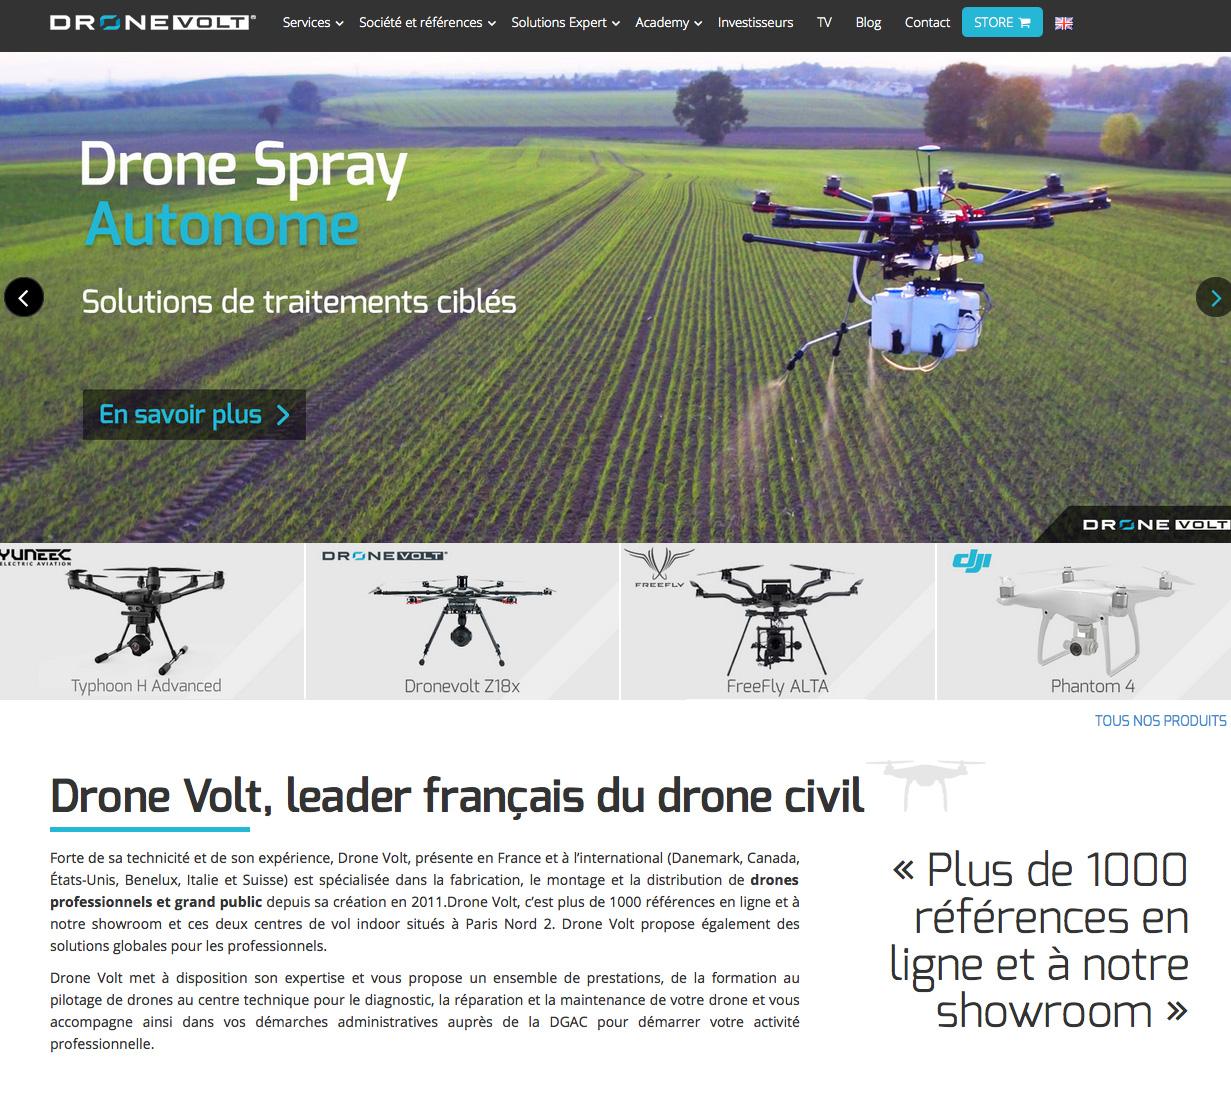 La société roneVolt propose de nombreuses applications, de la formation jusqu'à la fourniture de drones maison et le développement d'application de gestion de vol